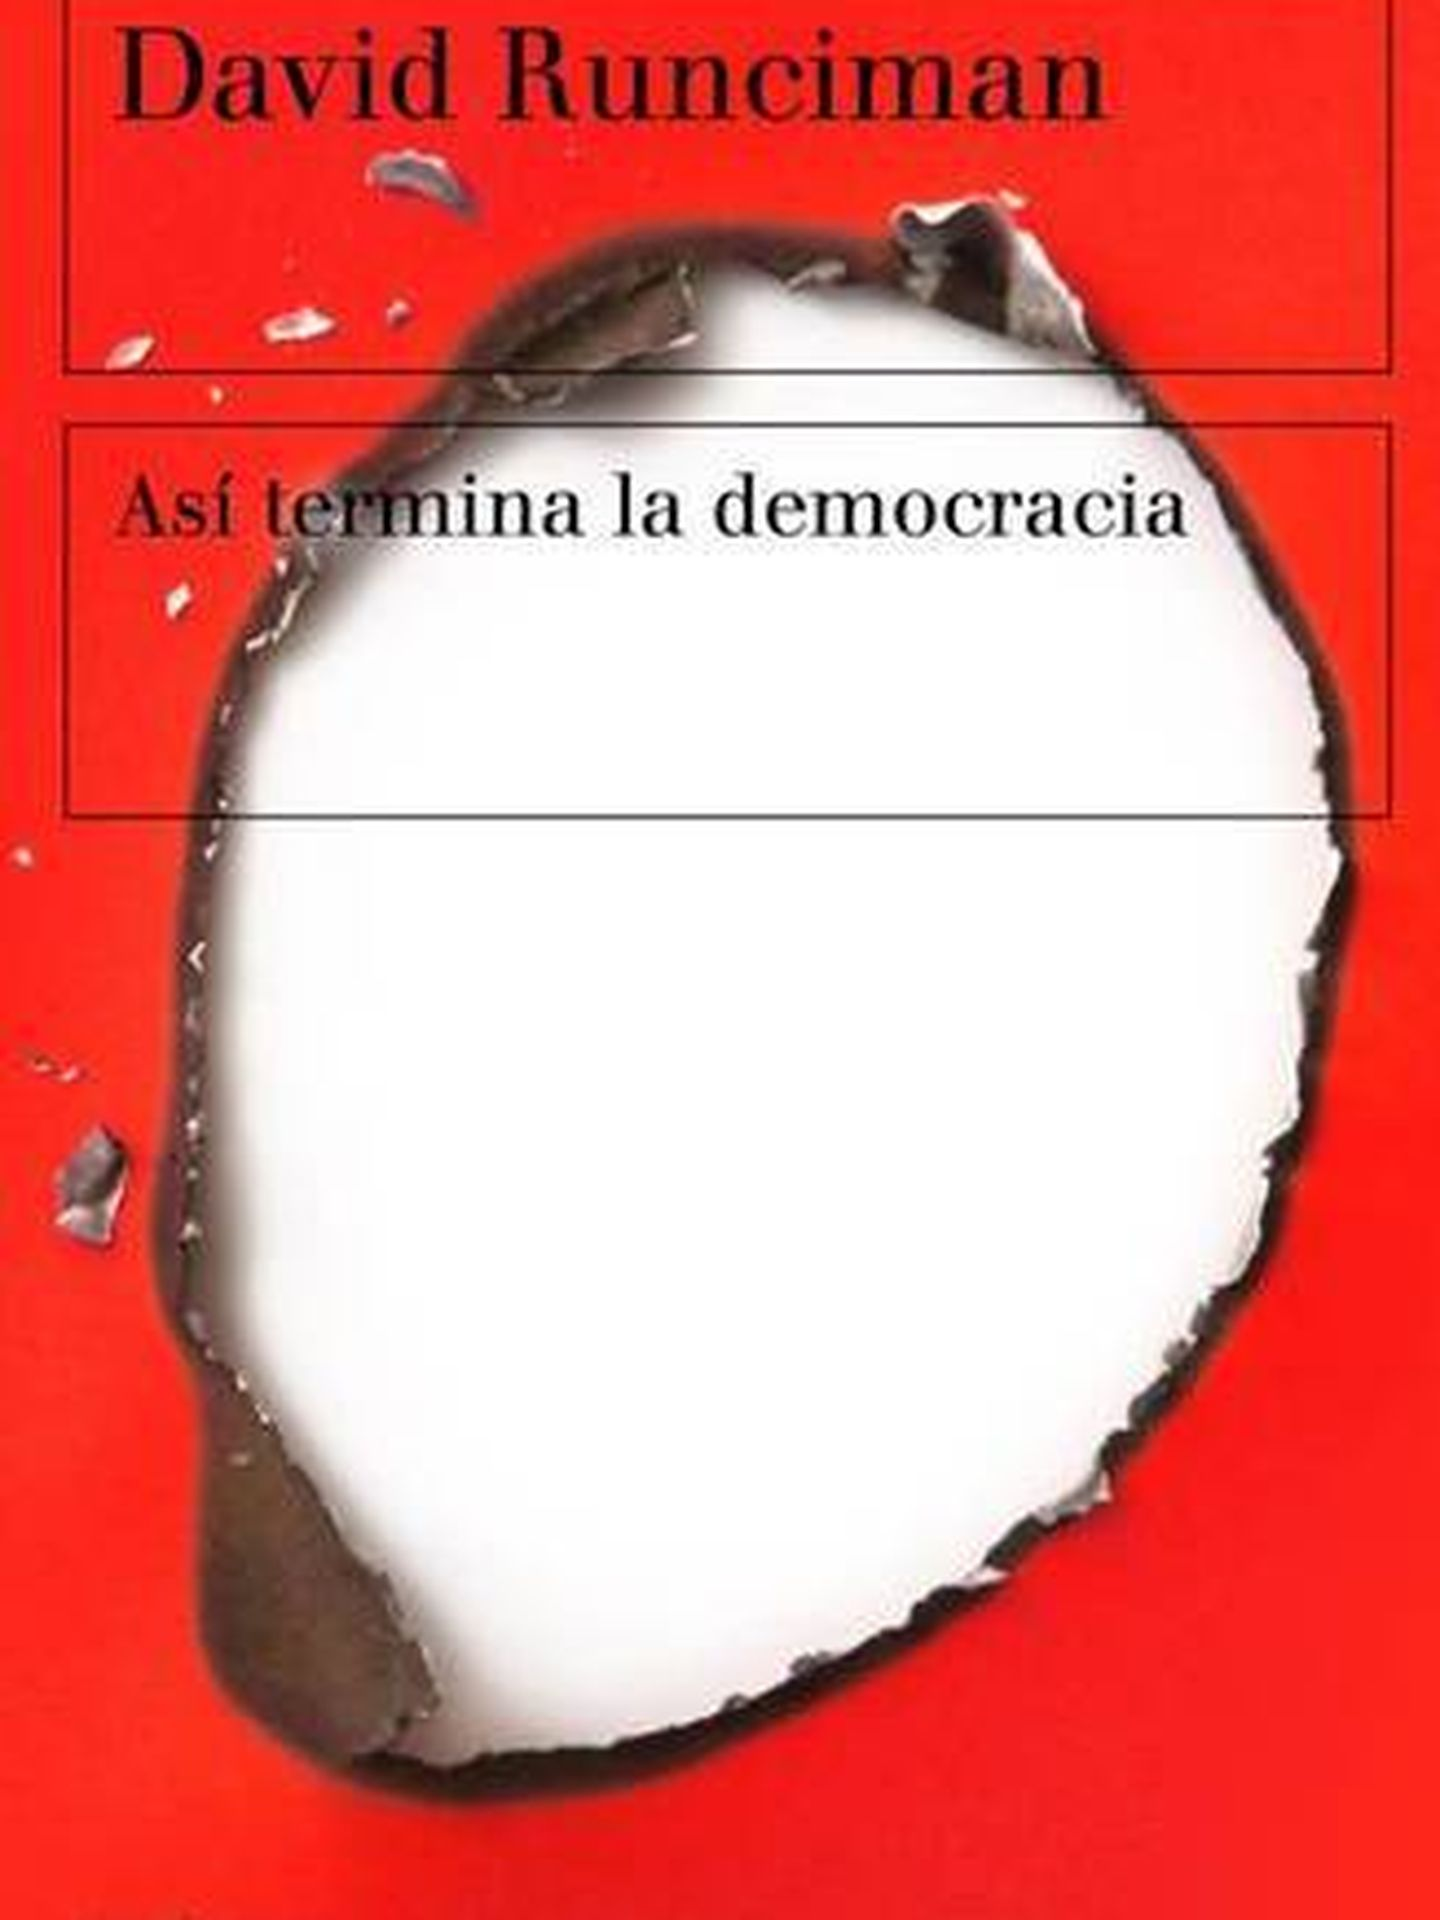 'Así termina la democracia'.